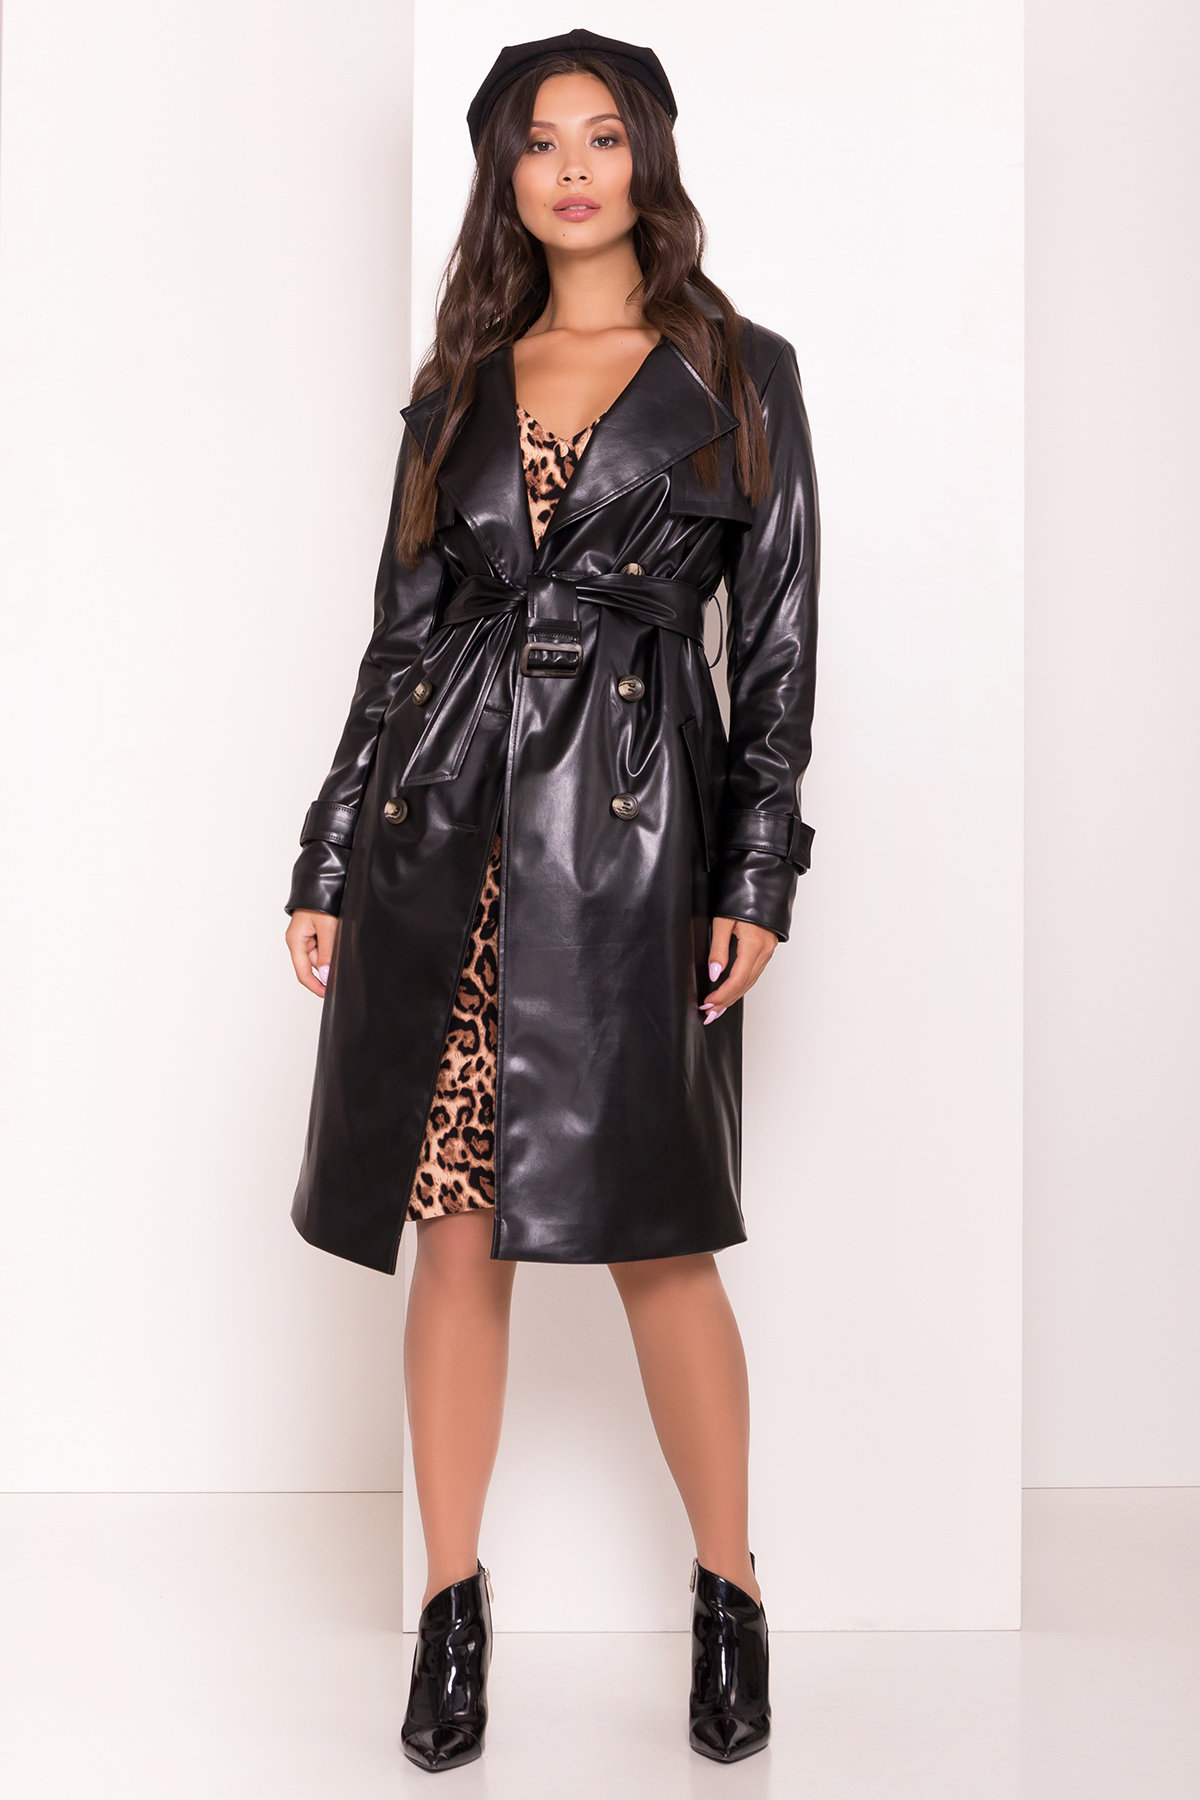 Пальто-тренч из экокожи Аккорд 7996 АРТ. 43950 Цвет: Черный - фото 1, интернет магазин tm-modus.ru